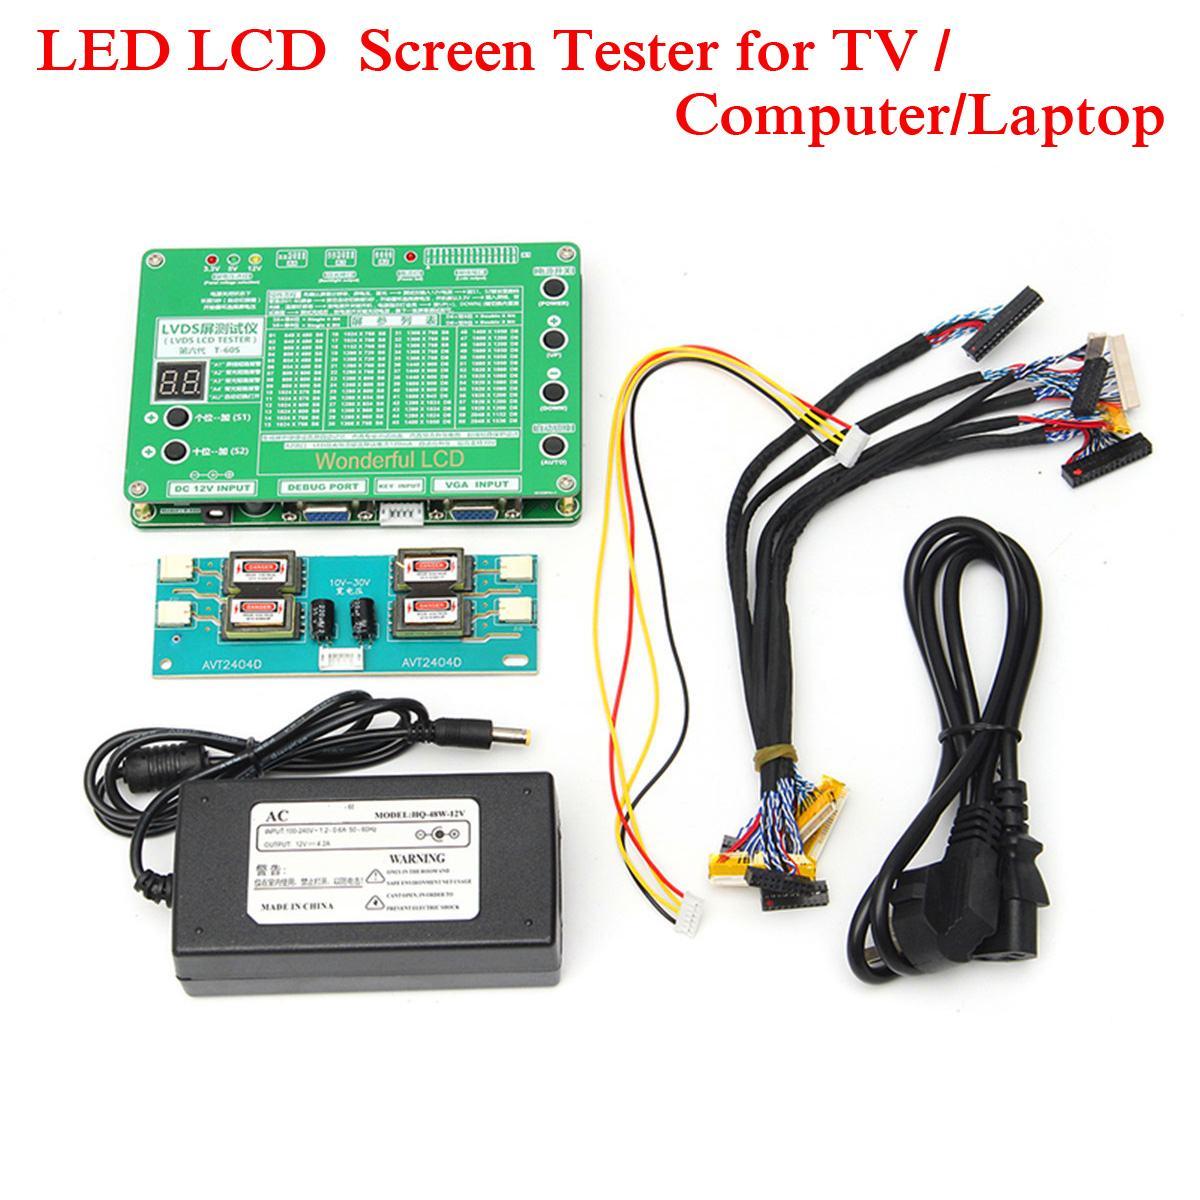 5.6-84 pouces LVDS Écran Testeur LCD led Panneau Testeur TV/Ordinateur/Ordinateur Portable outil de réparation